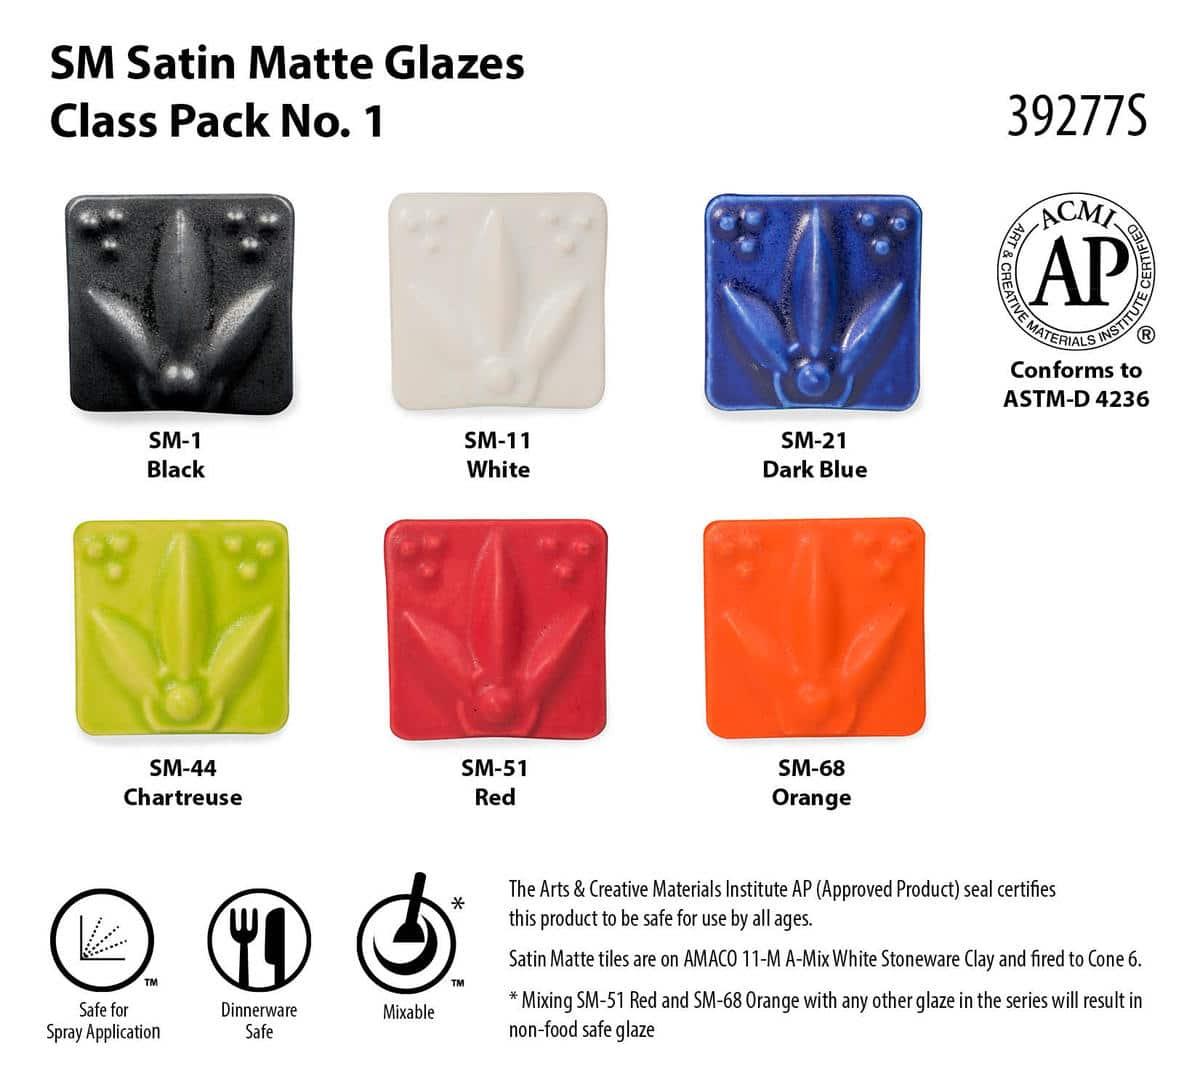 Class Pack (SM) Satin Matte #1